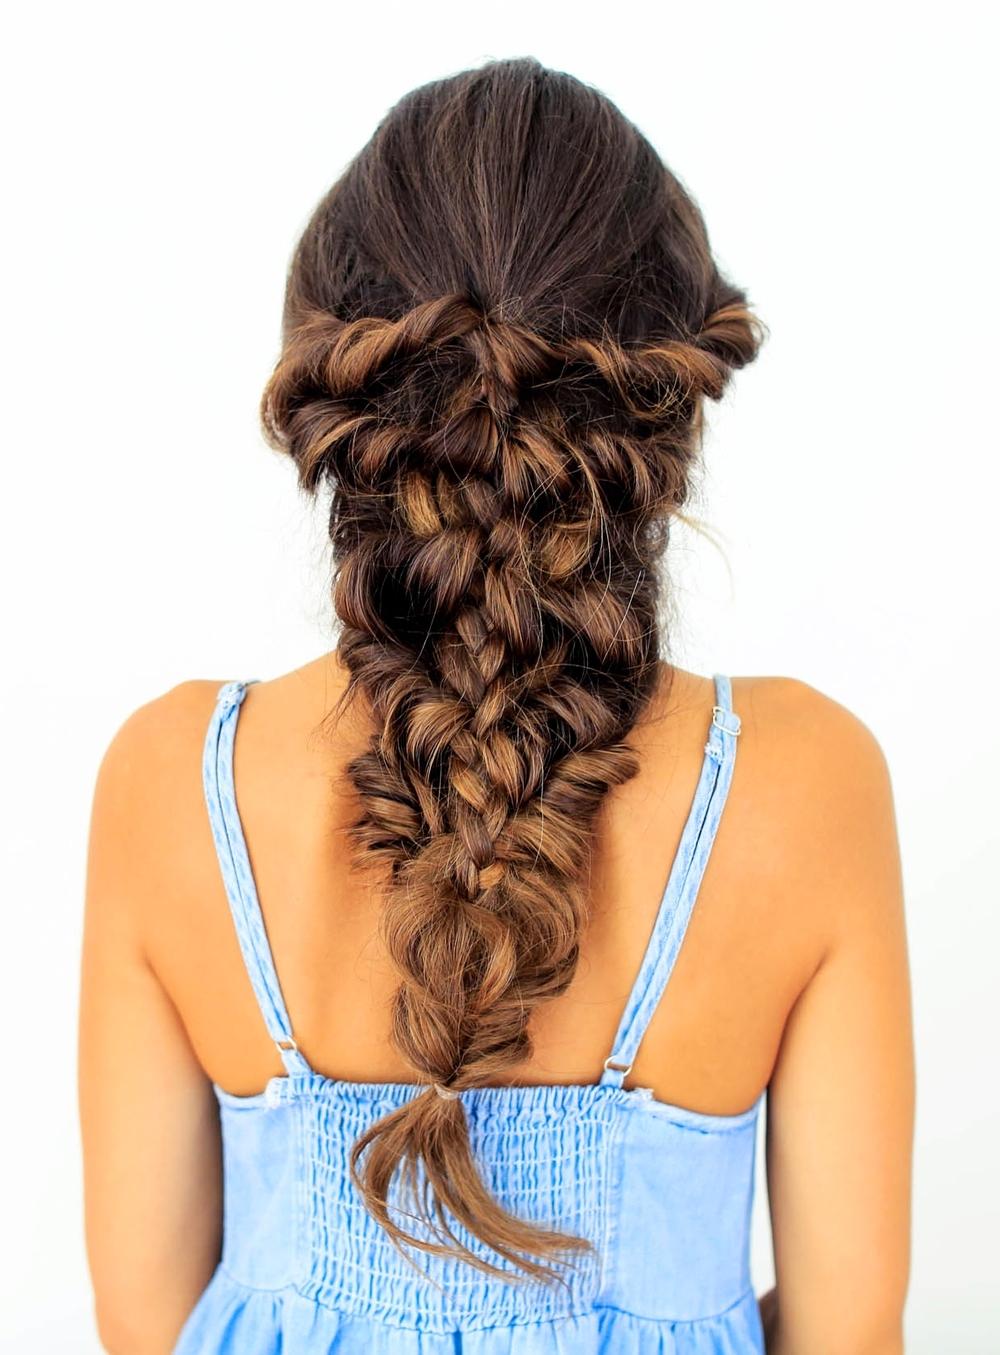 Mermaid Braid Tutorial – Luxy Hair Within 2017 Mermaid Braid Hairstyles (View 9 of 15)